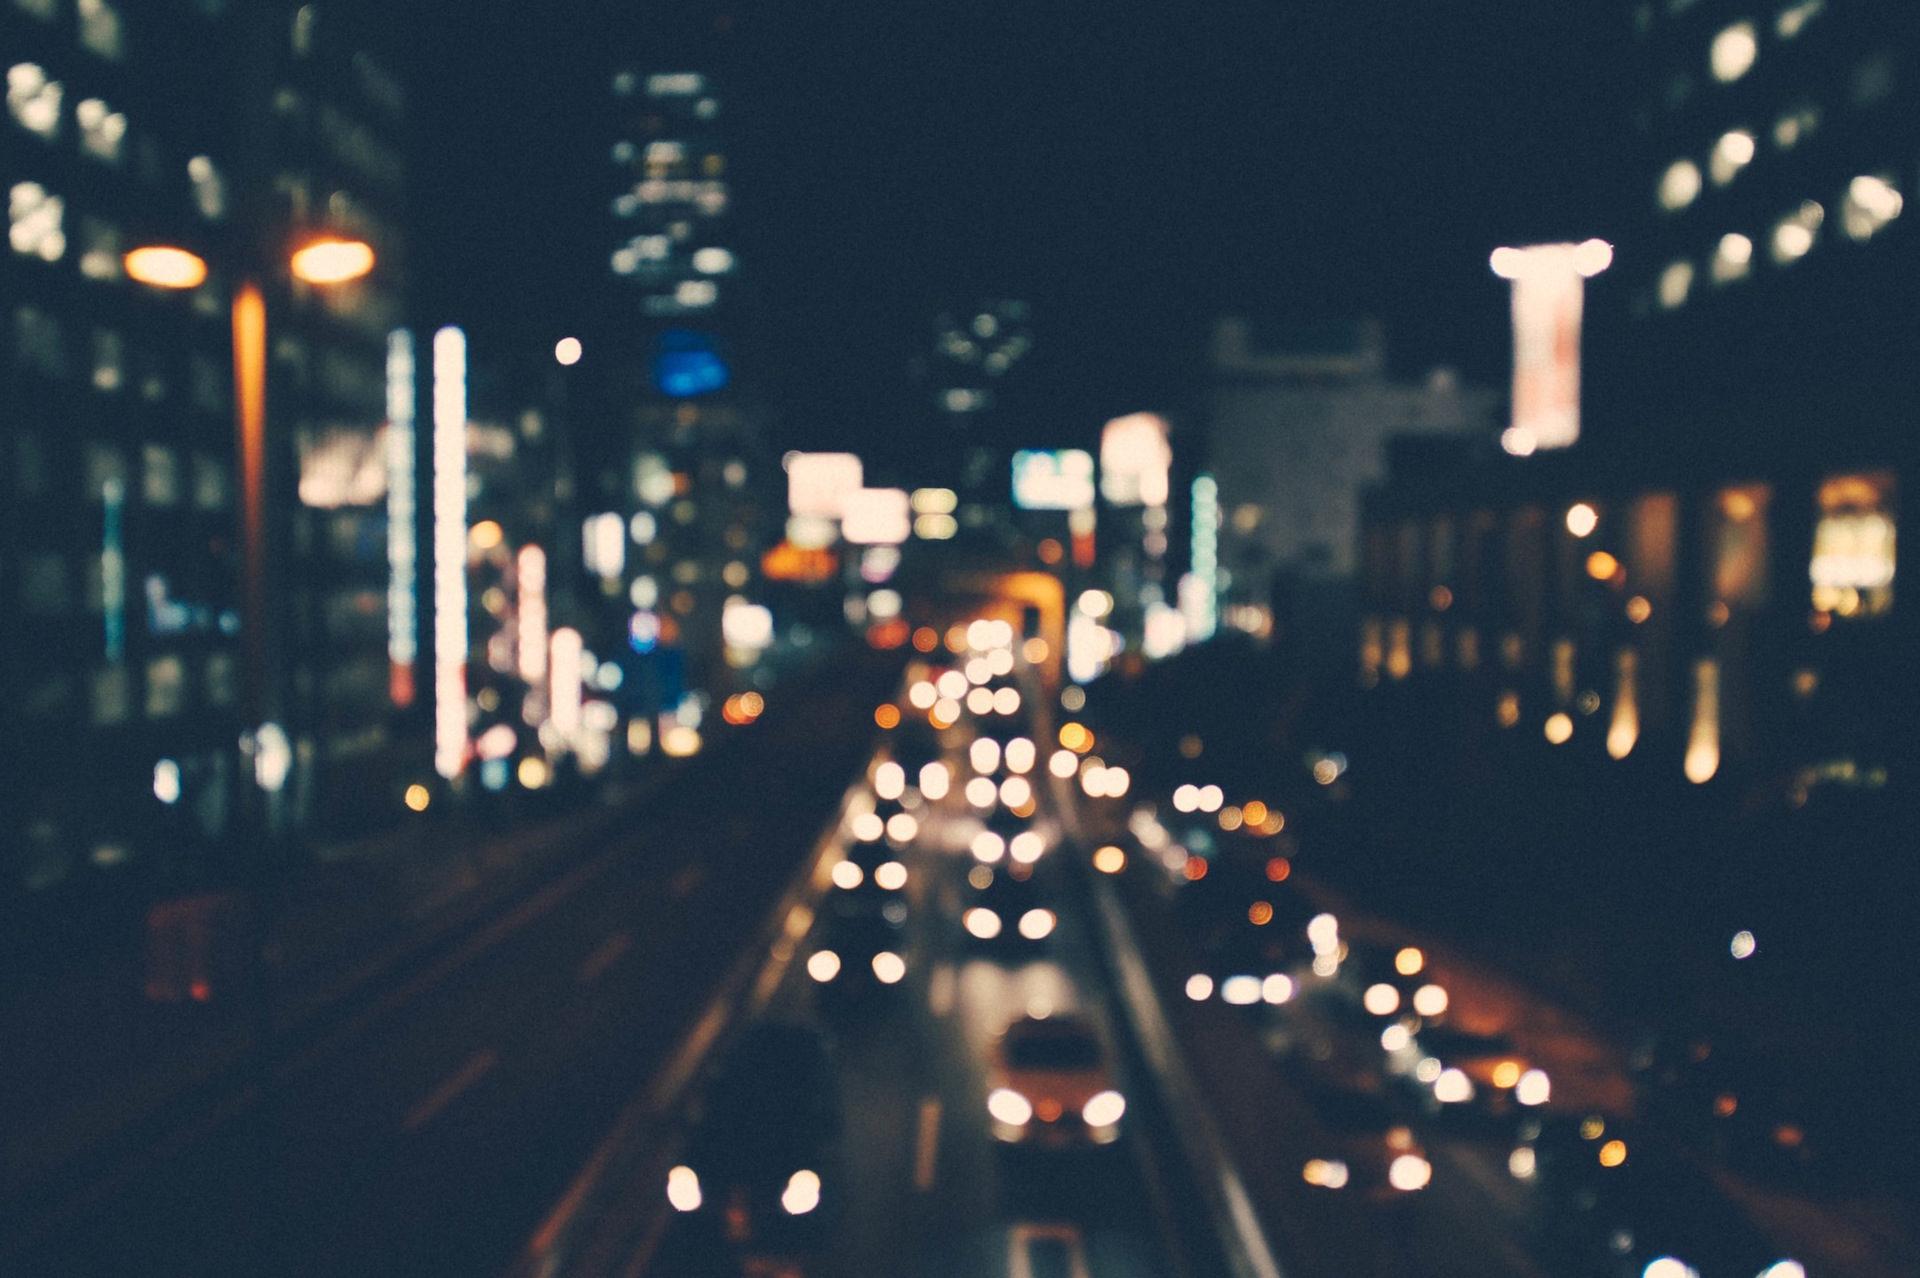 यातायात, ढेर, जाम, धुंधला, रात - HD वॉलपेपर - प्रोफेसर-falken.com